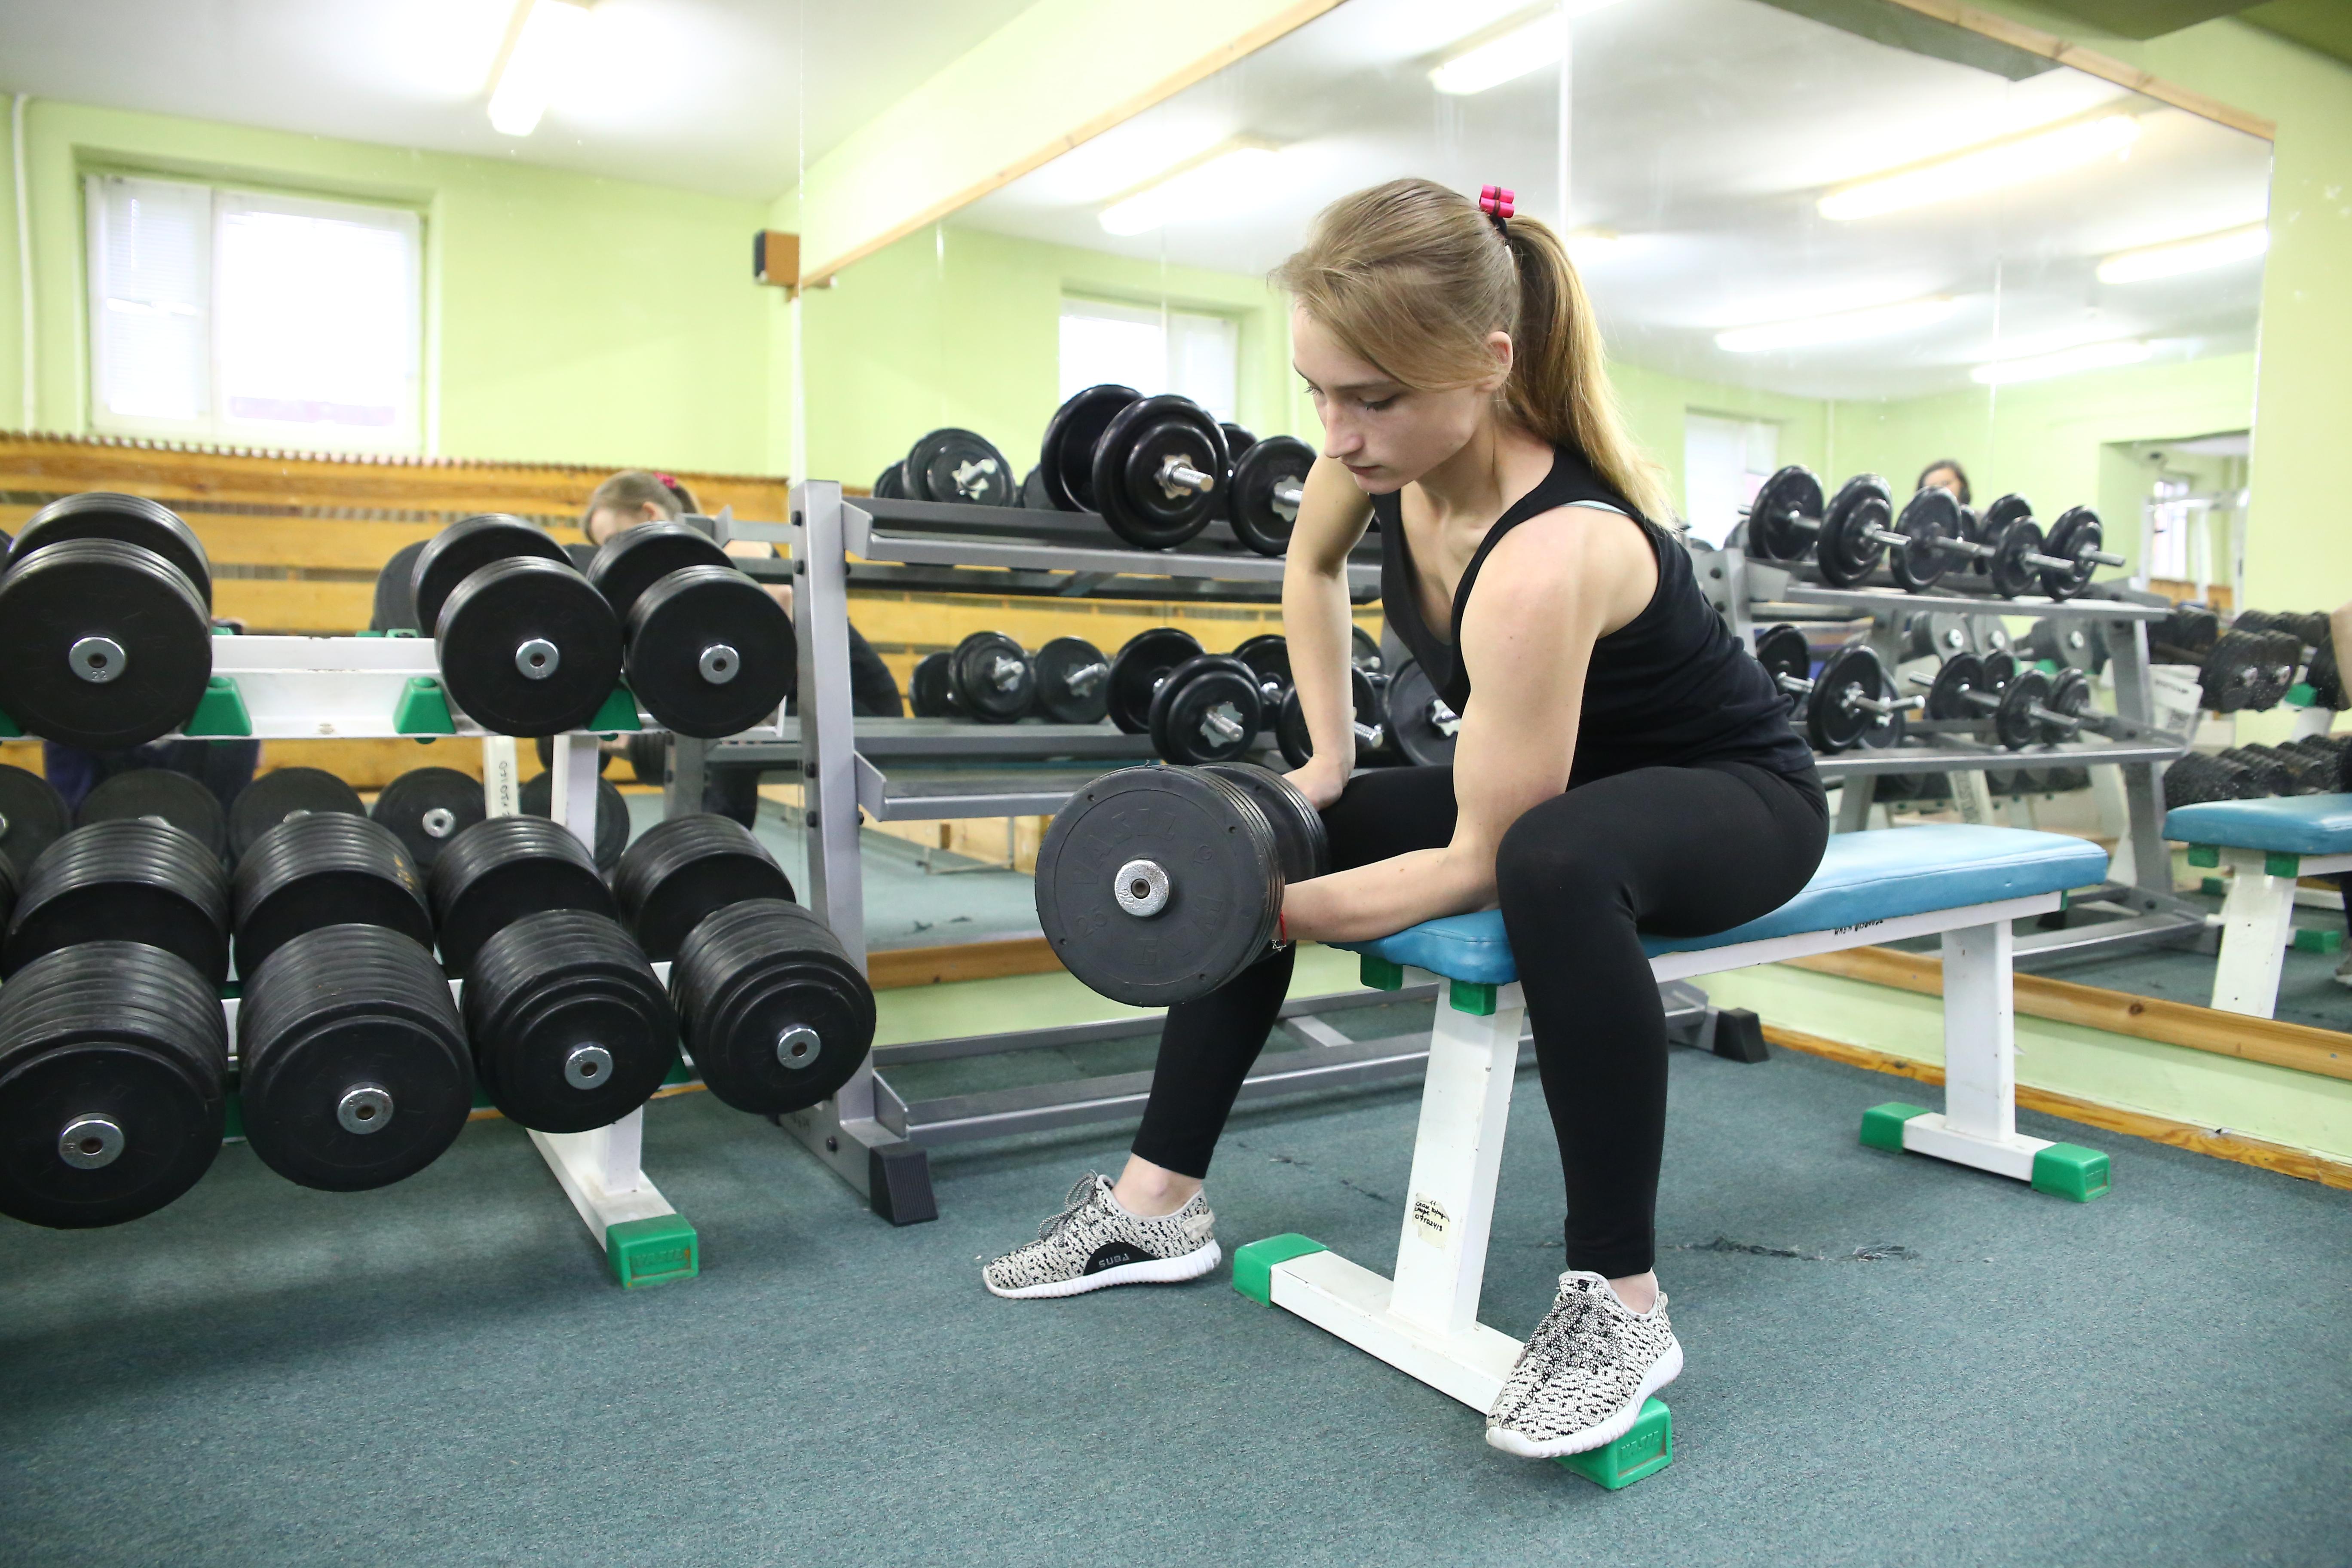 Призер чемпионата мира по армрестлингу Дарья Яцкевич тренируется по 2-3 часа 6-7 дней в неделю. Фото: Евгений ТИХАНОВИЧ